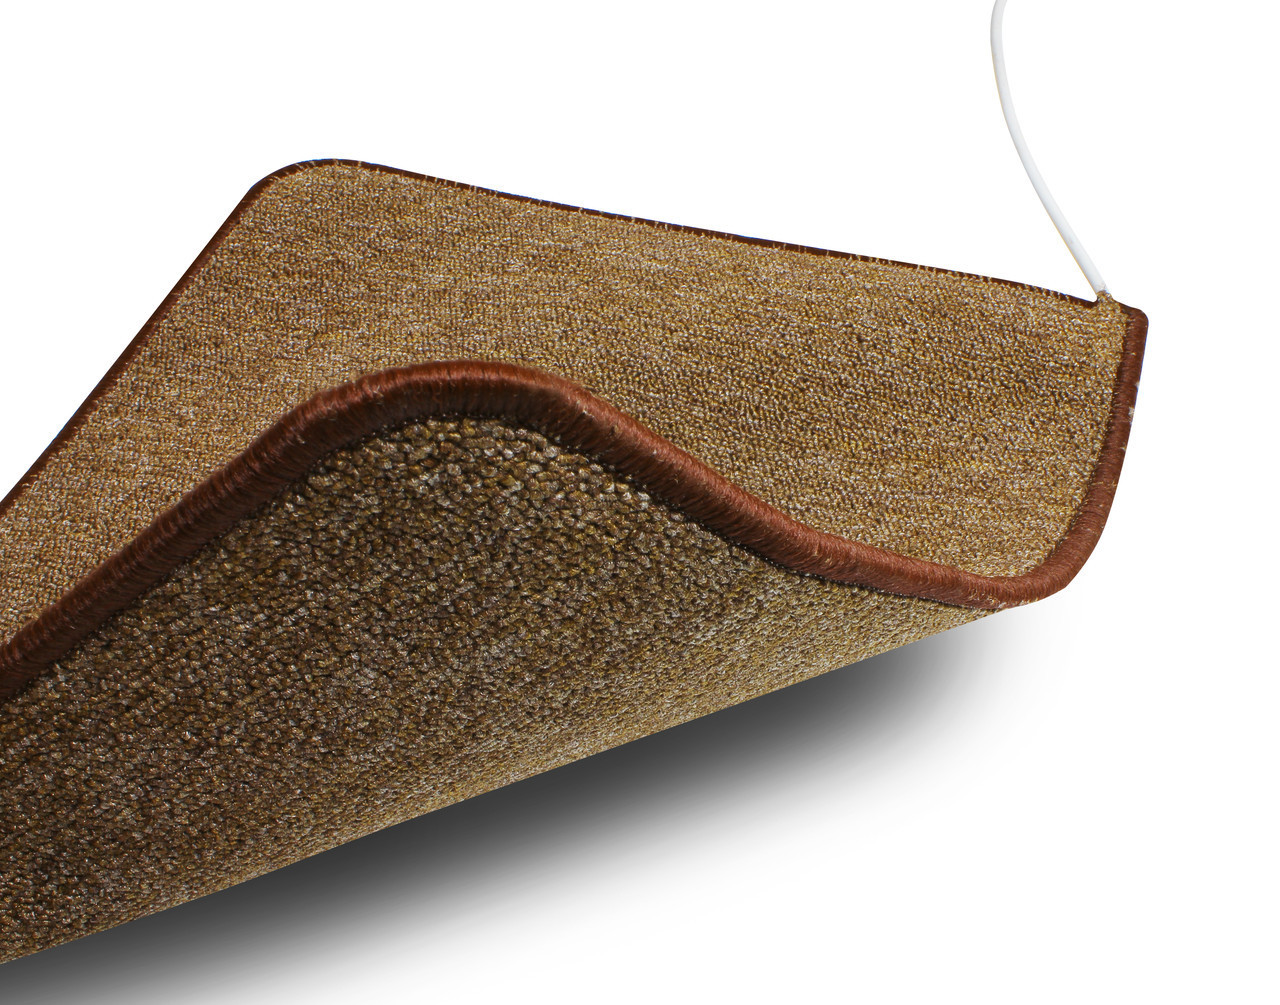 Теплий килимок Solray 530*1830 мм (Коричневий)